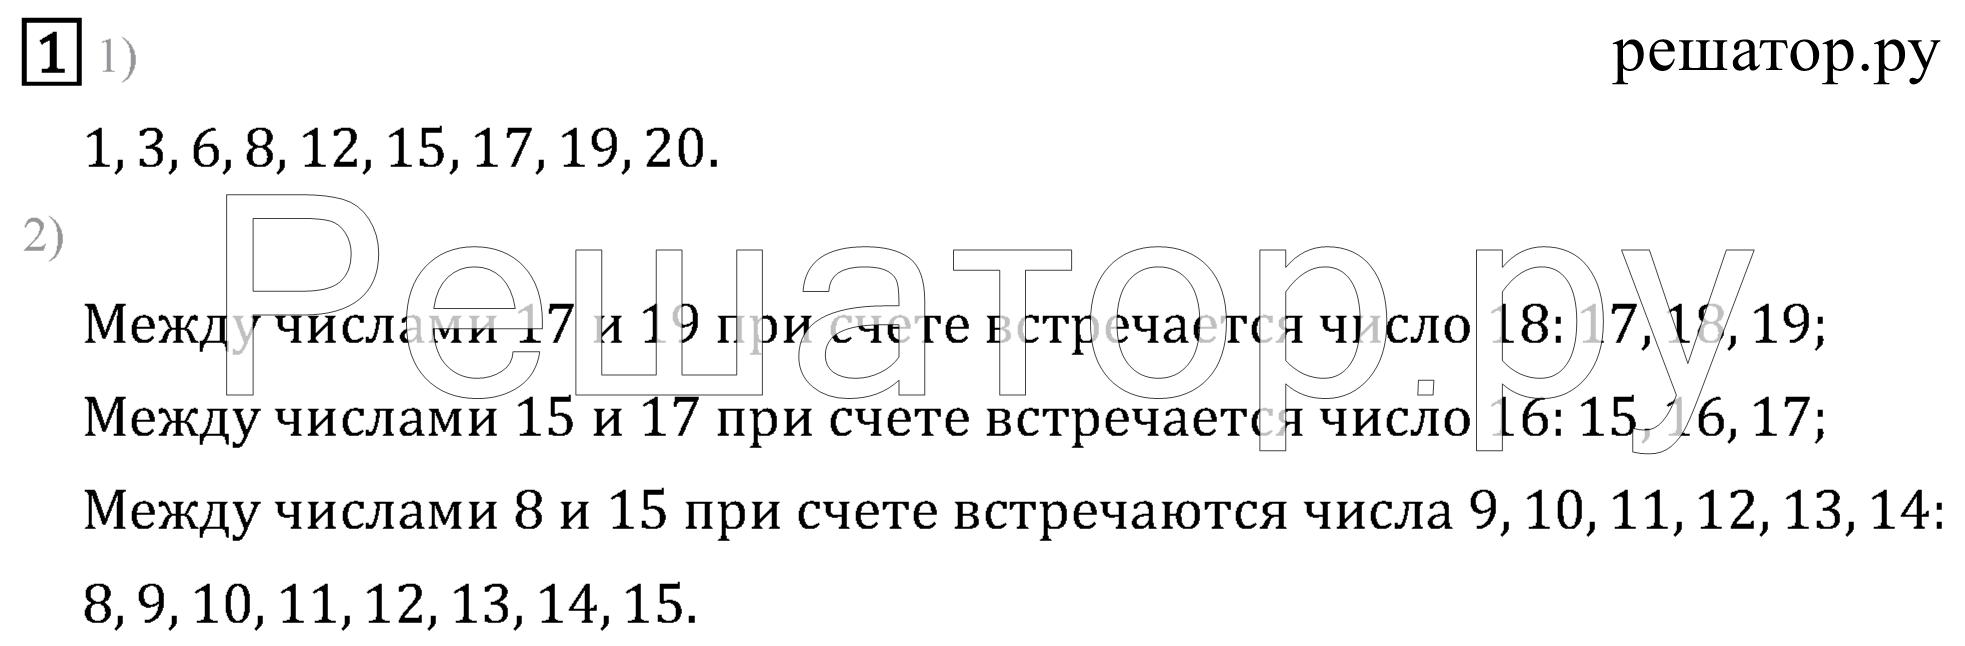 Часть 1. Страница 4: 1 - решебник №4